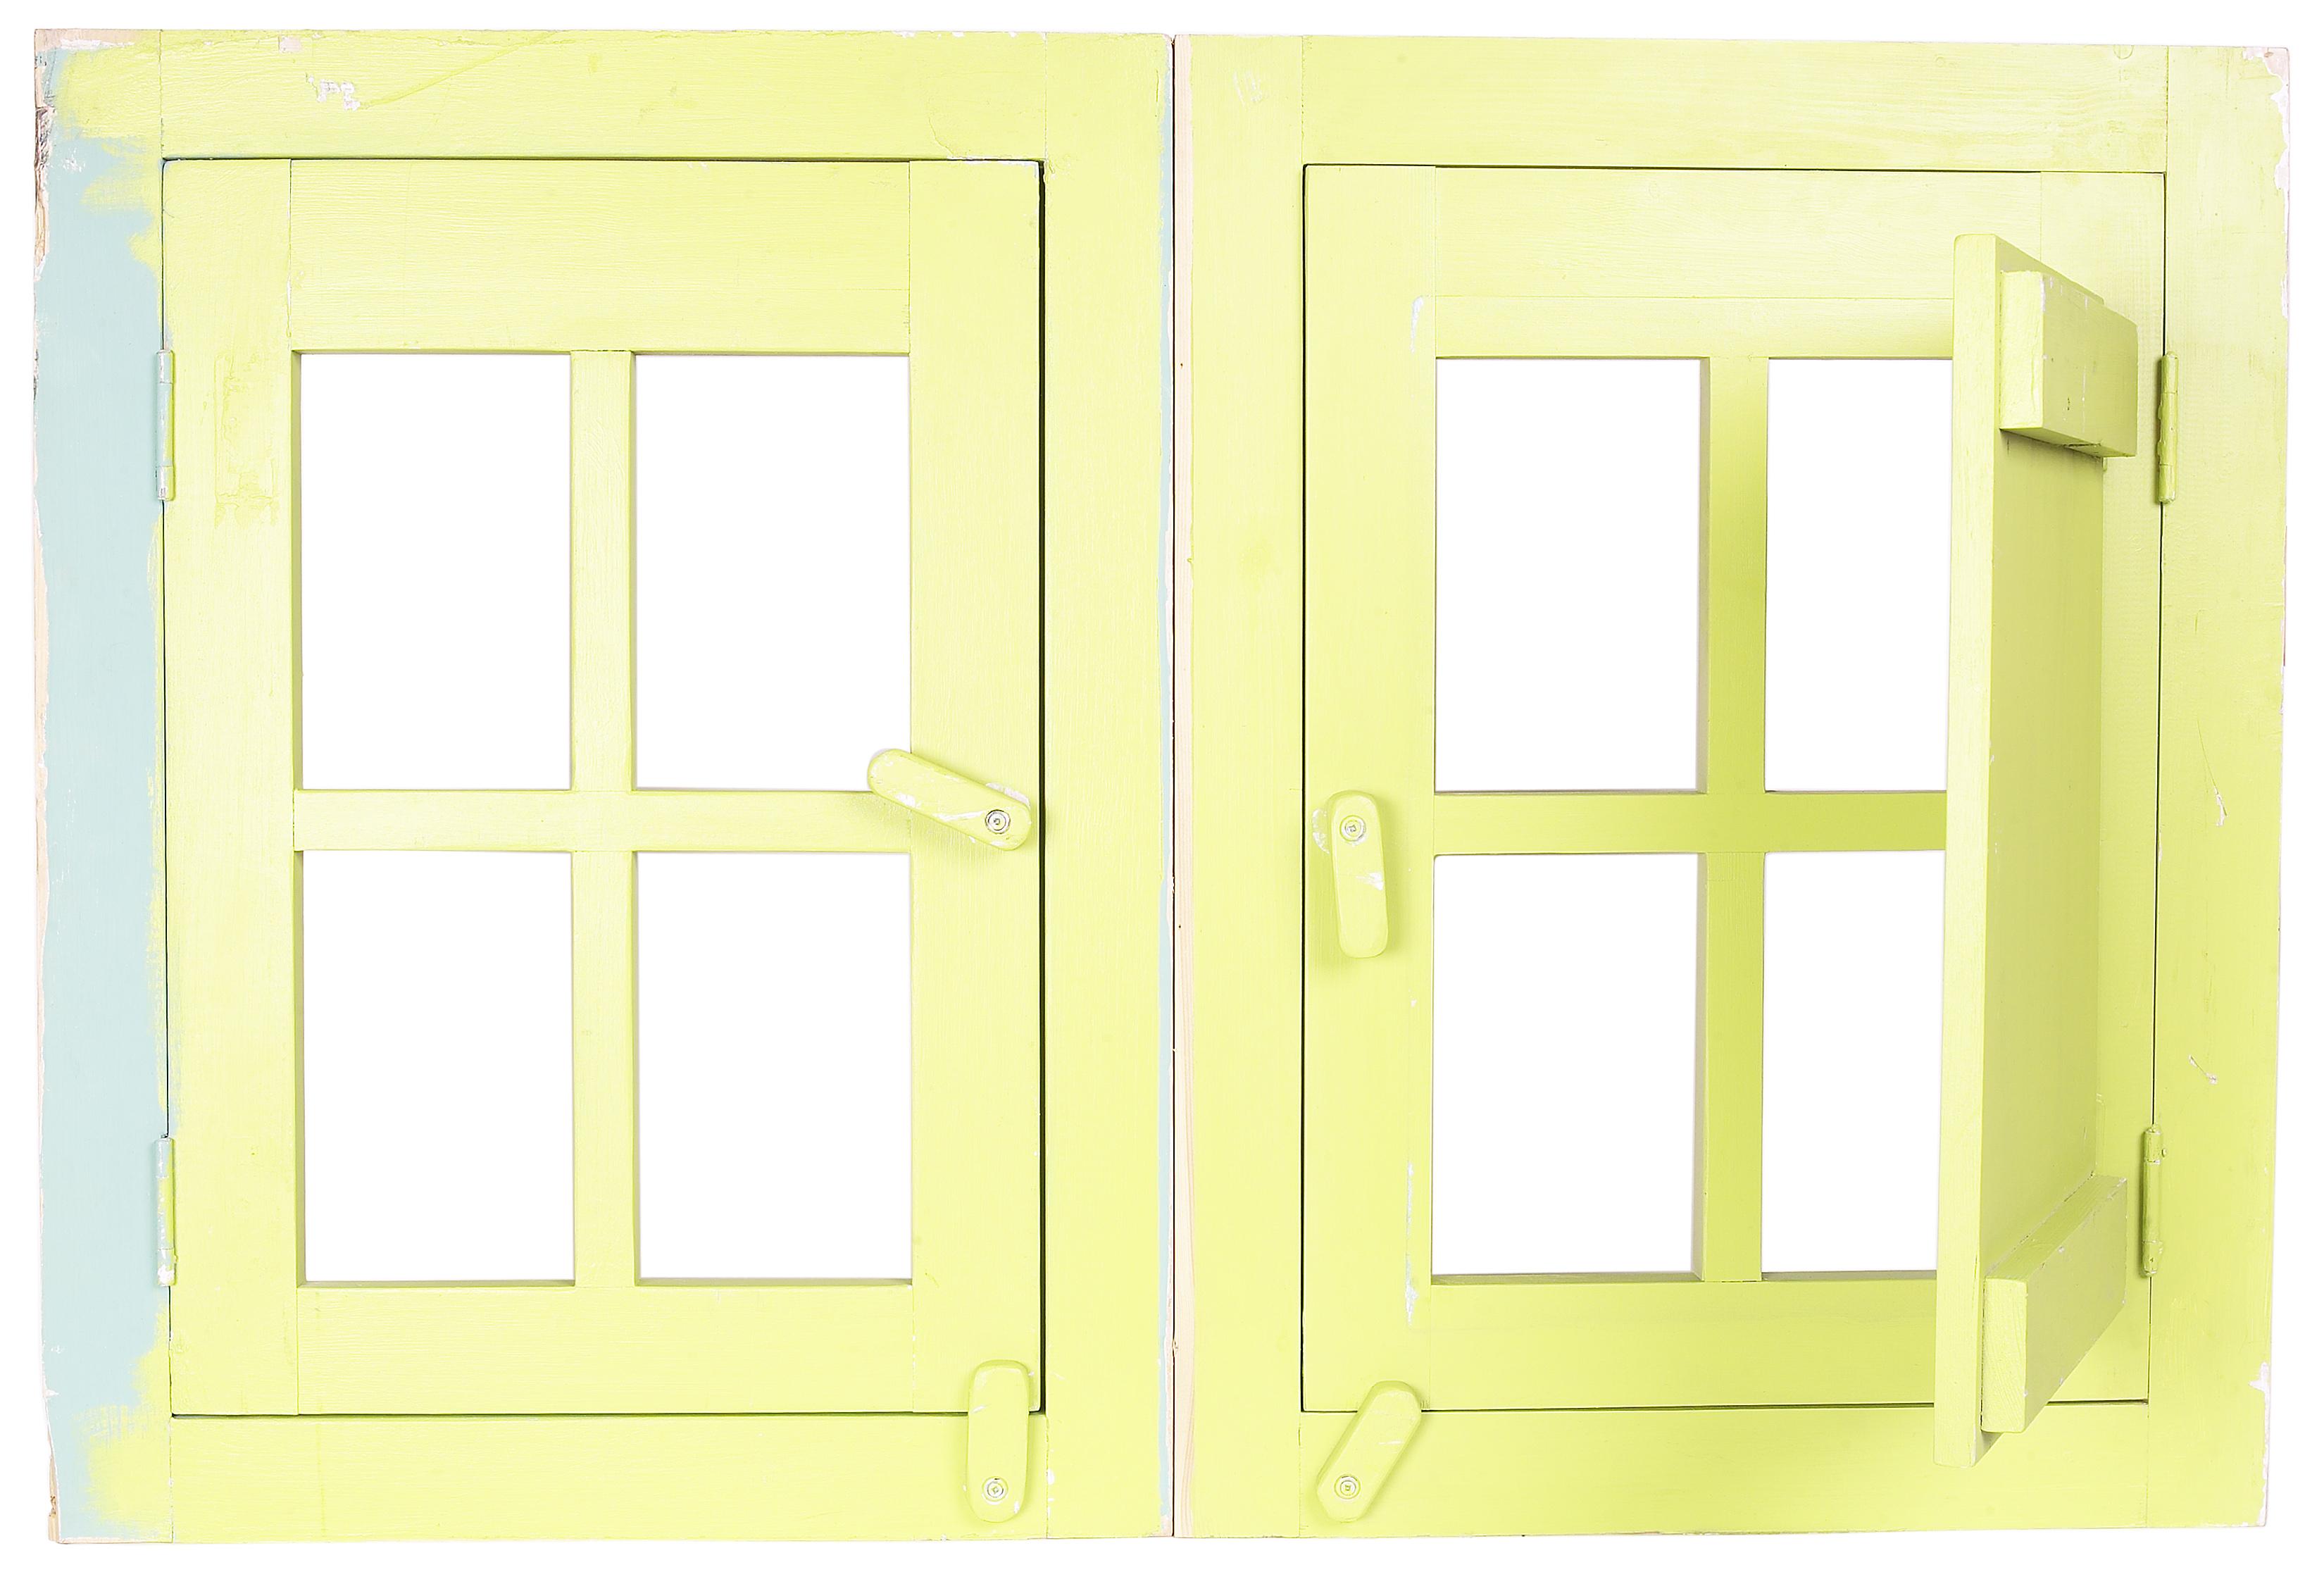 Cómo instalar ventanas en casas de bloques de concreto  